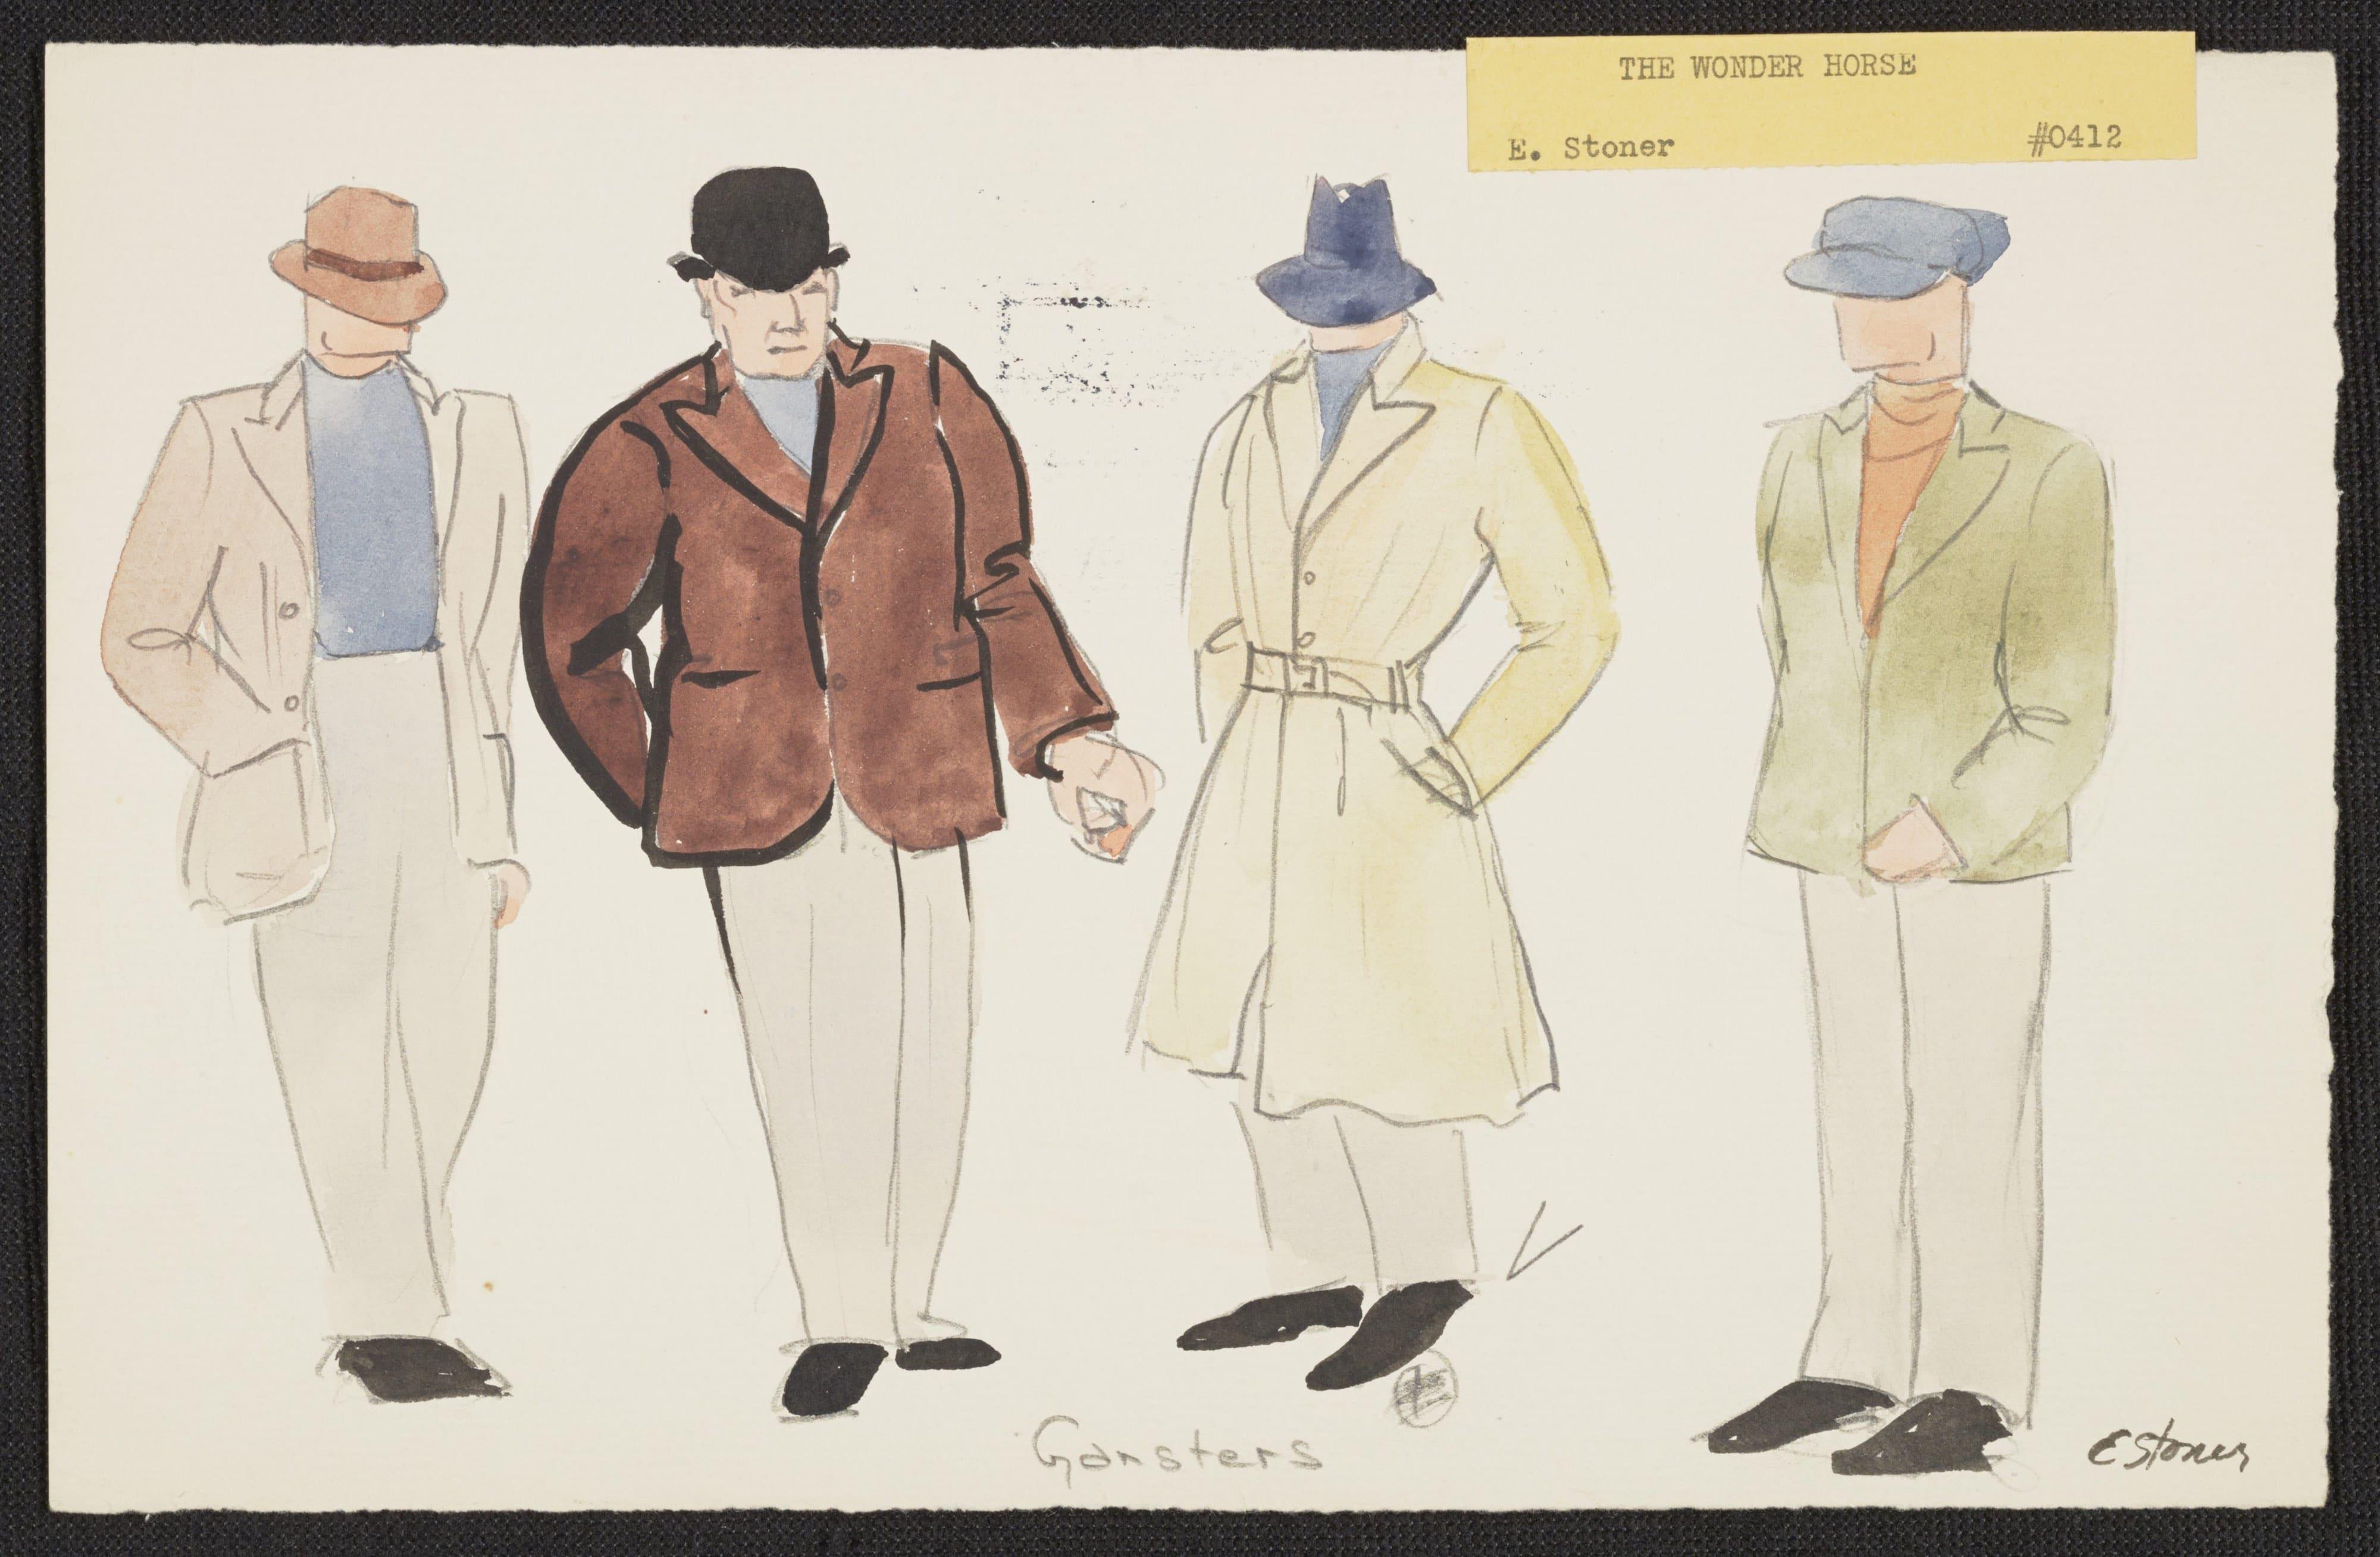 Gángsteres, cuatro hombres vestidos con abrigos y sombreros. ILUSTRACIÓN DE EMILE STONER (Nueva York, 1936). TBOC